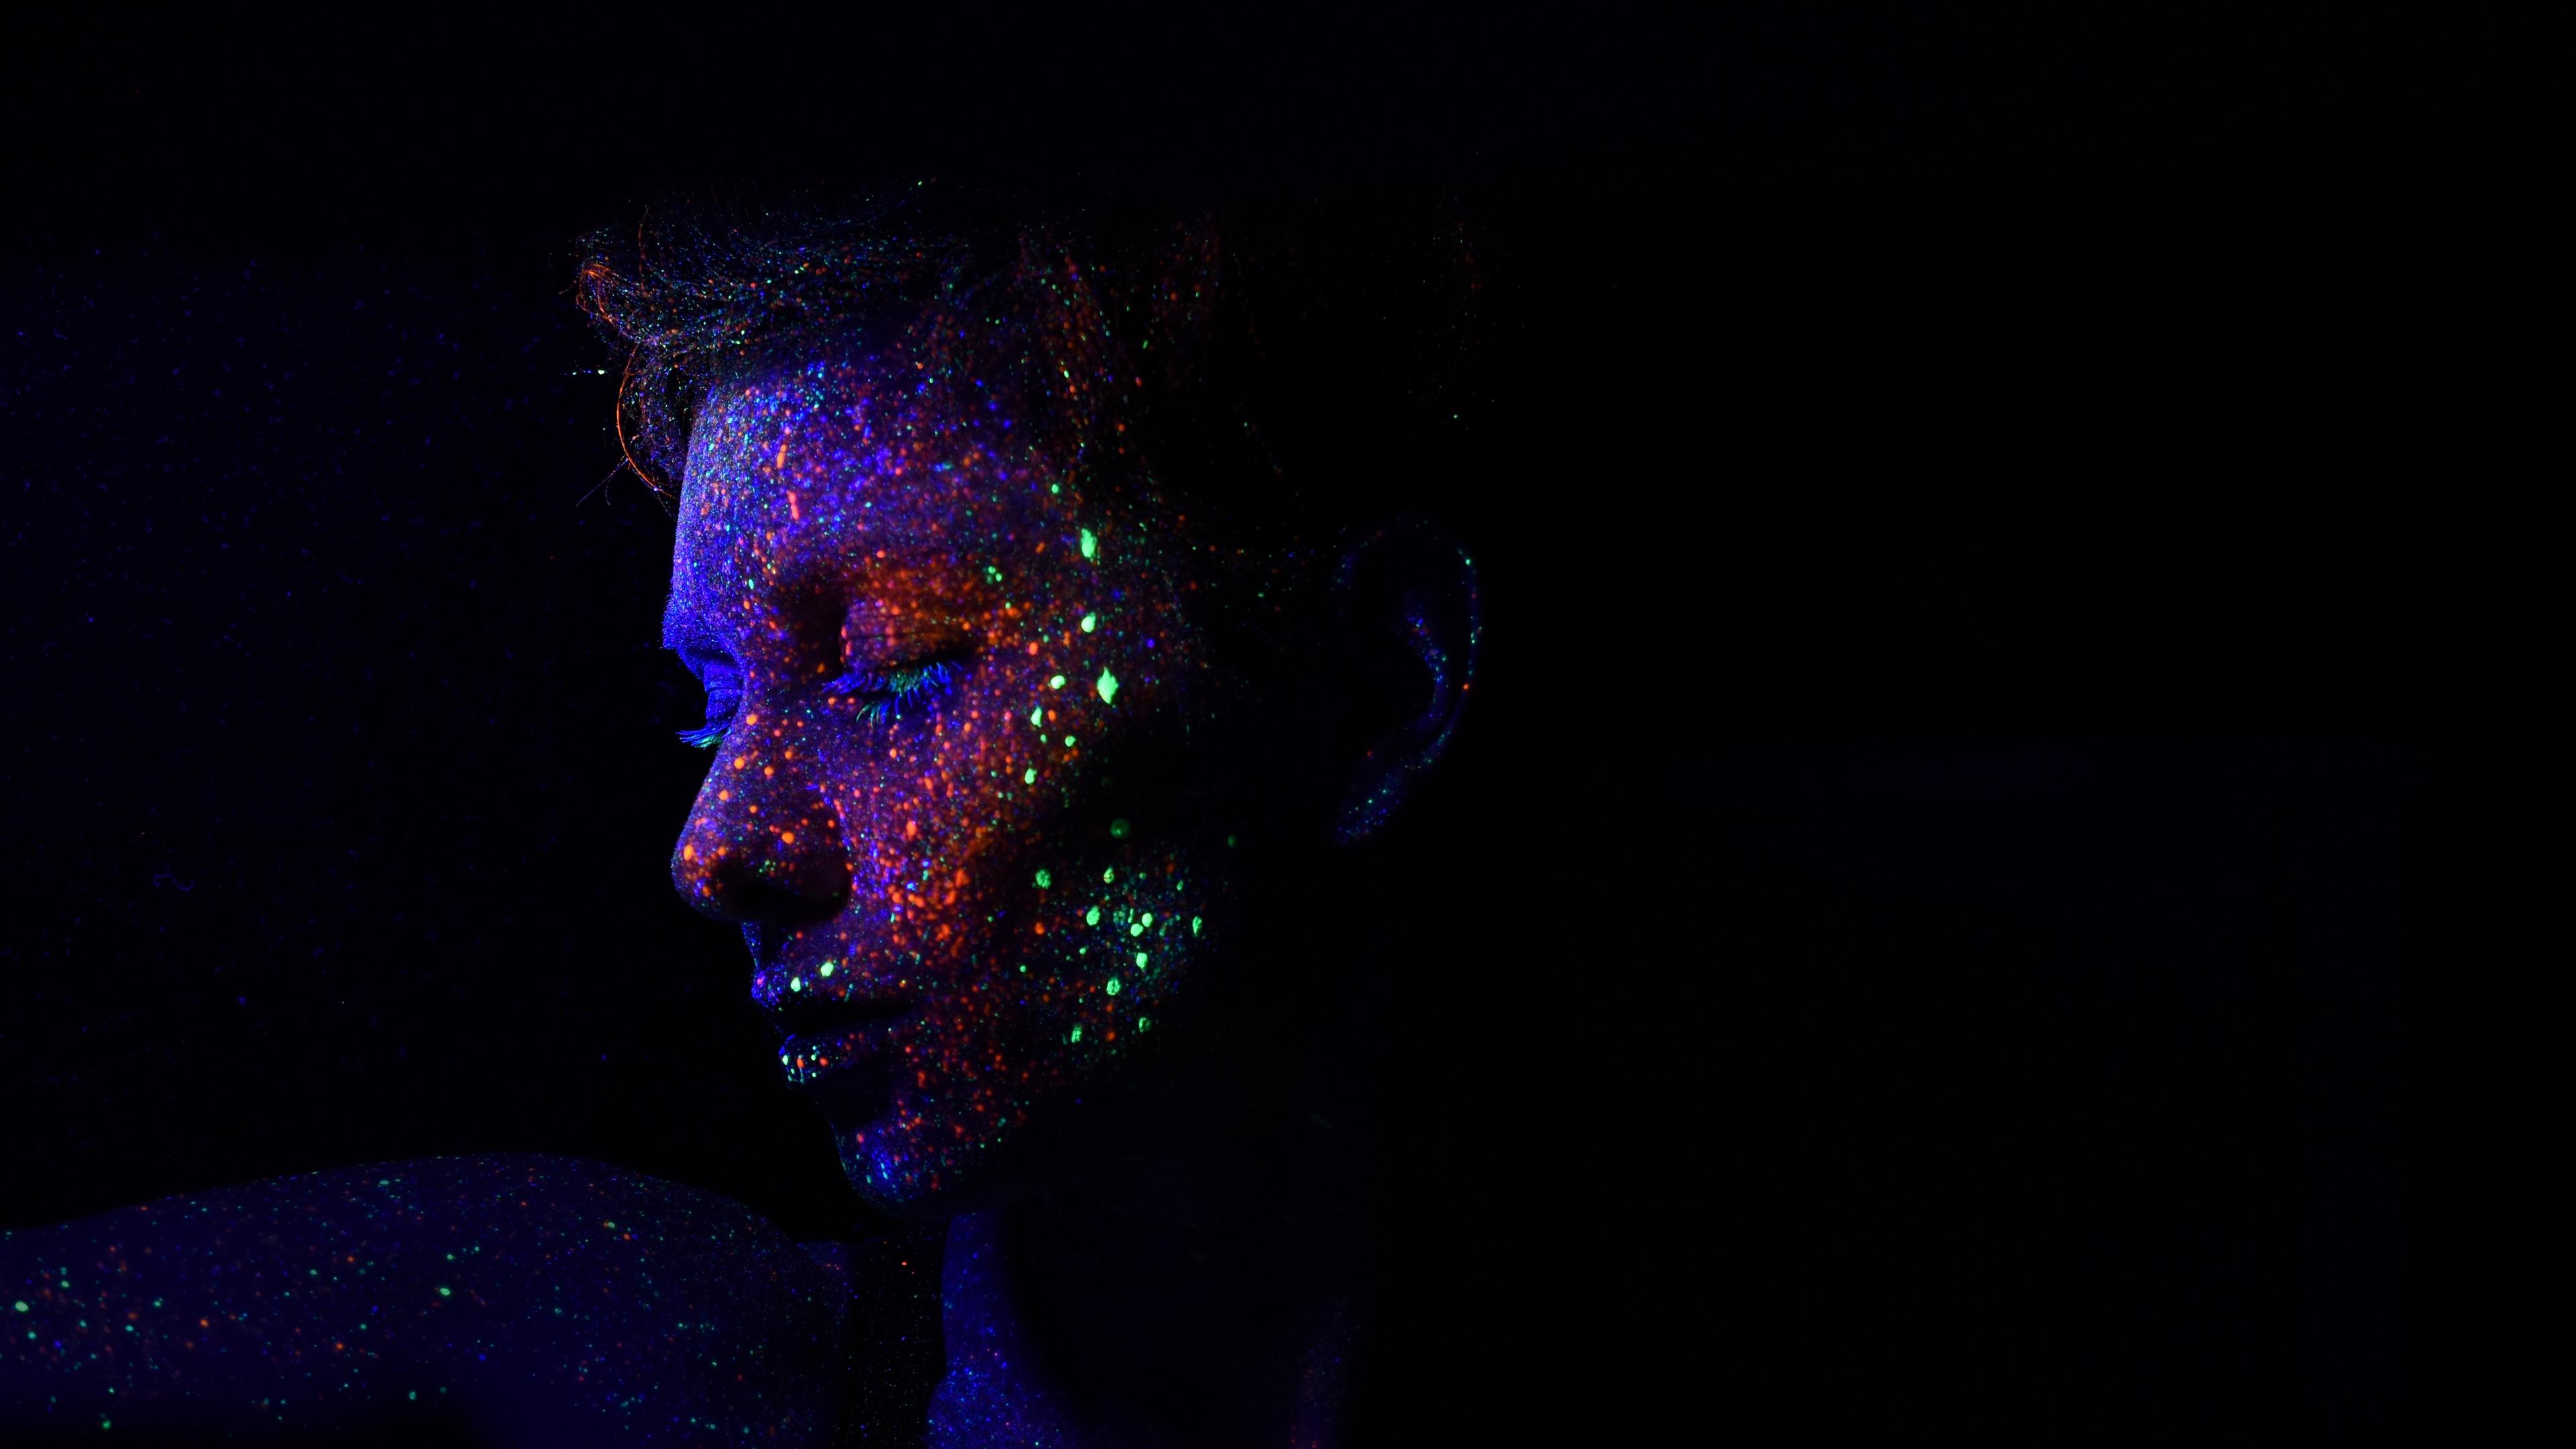 face sequins makeup ultraviolet glow shine 4k 1540576156 - face, sequins, makeup, ultraviolet, glow, shine 4k - sequins, Makeup, Face